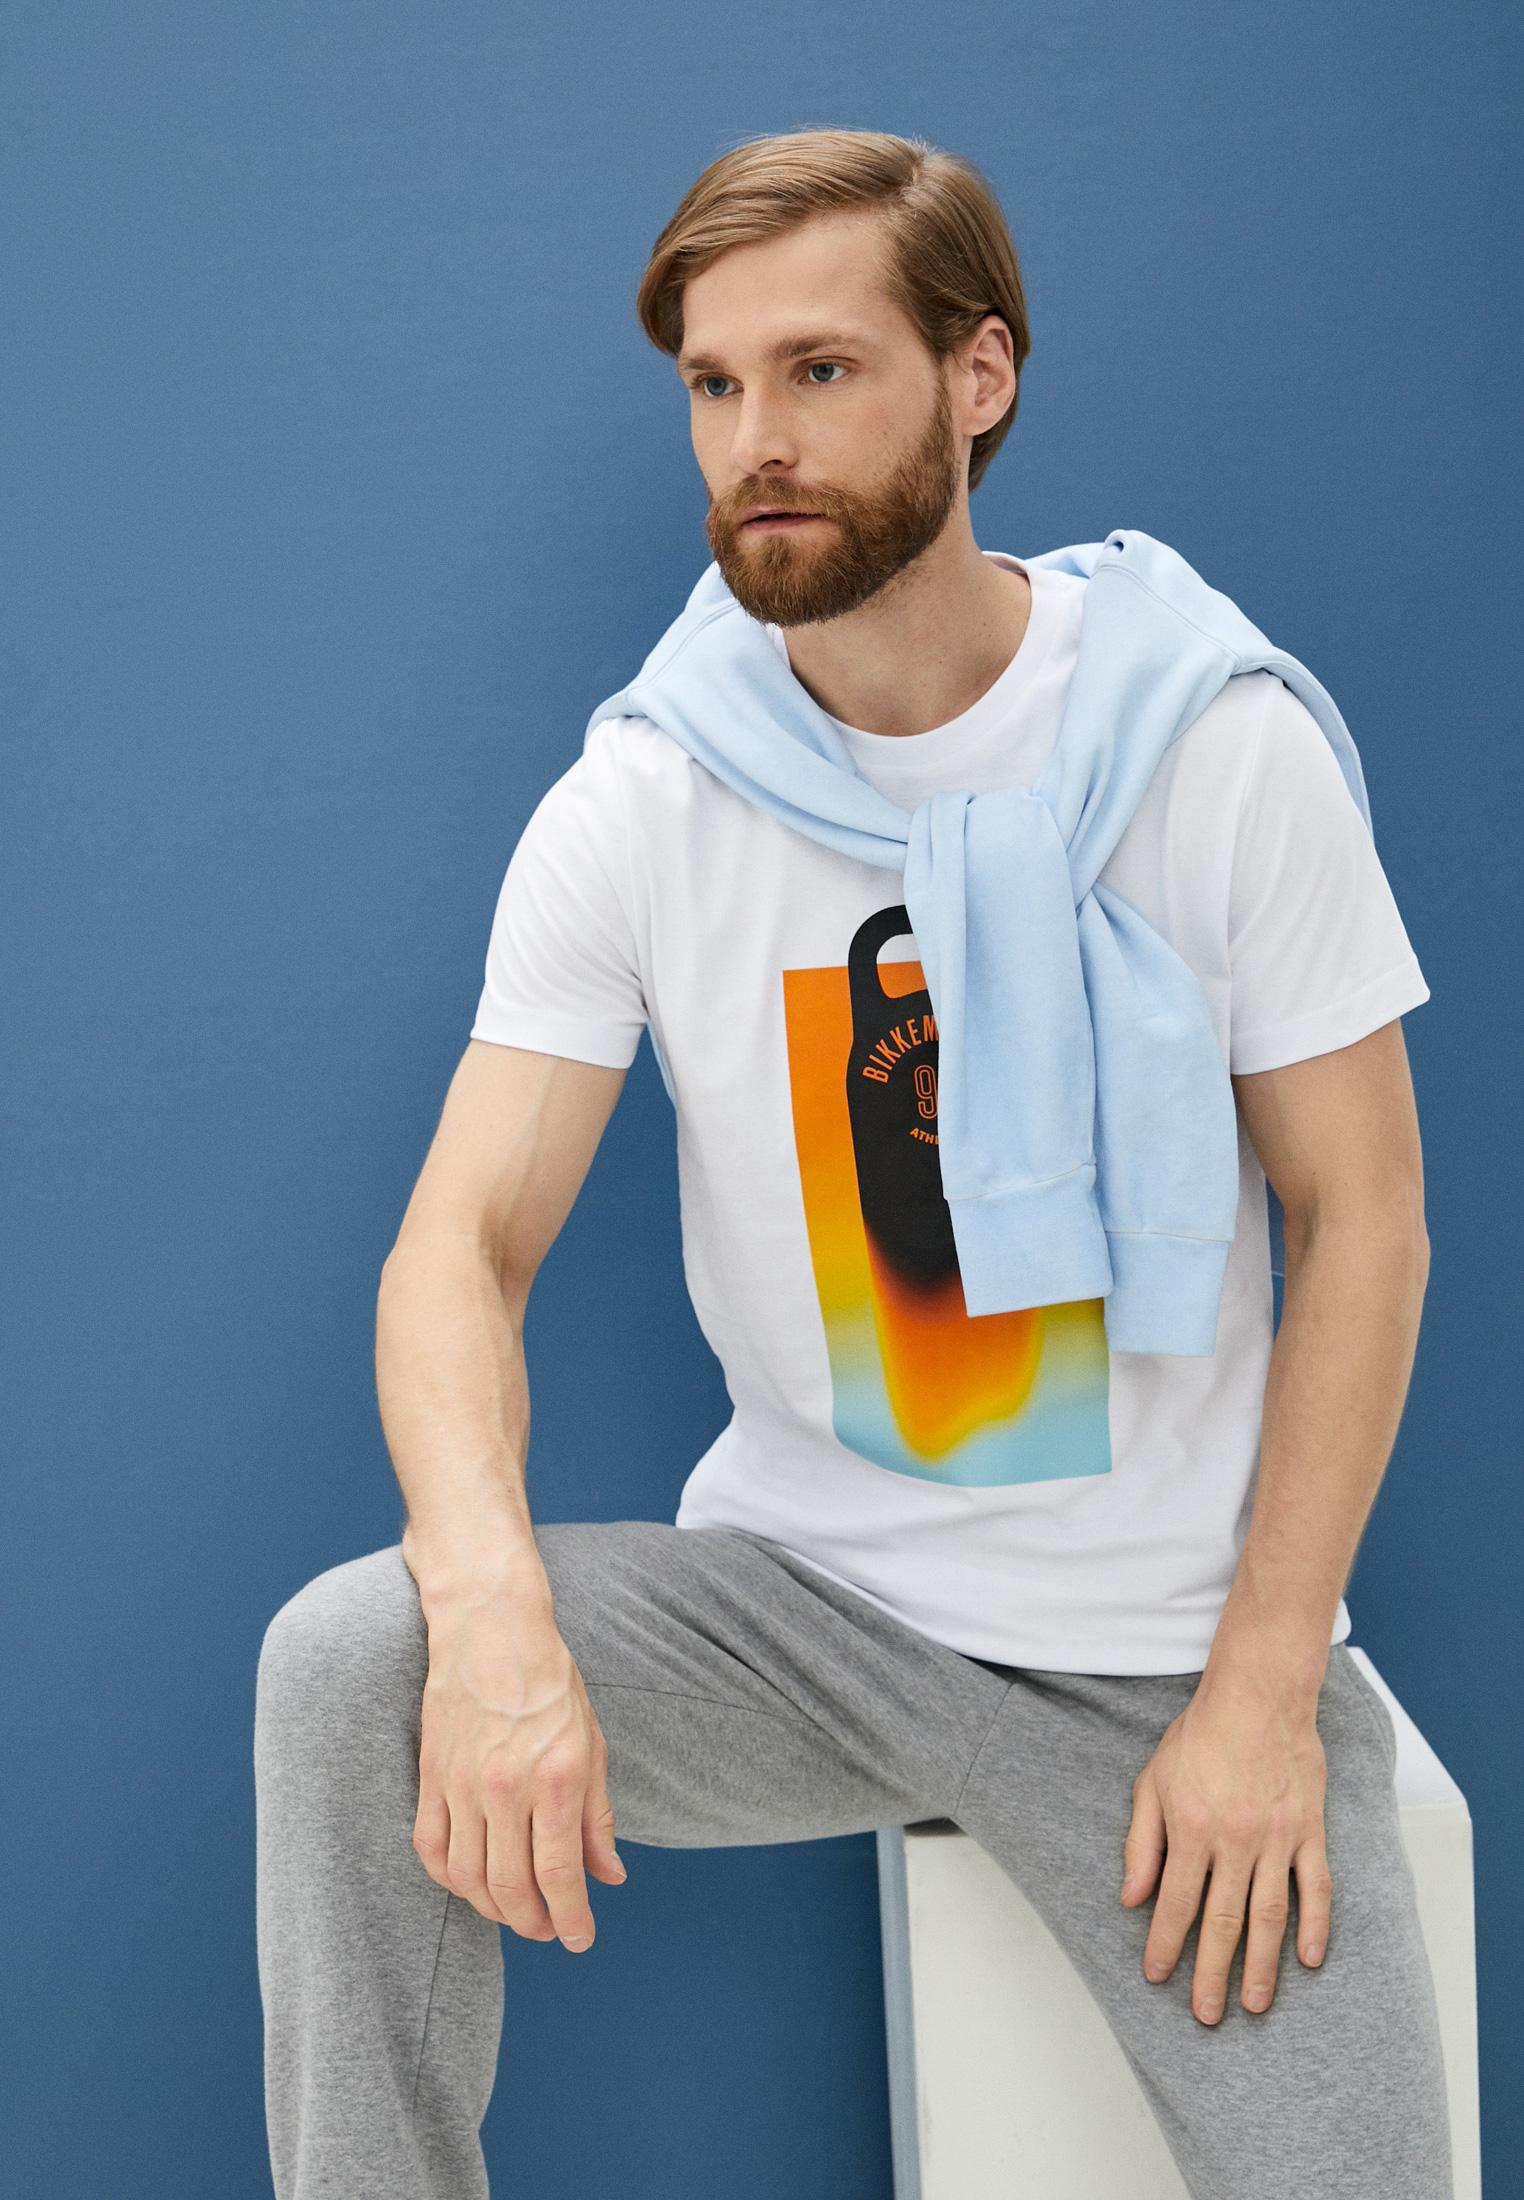 Мужская футболка Bikkembergs (Биккембергс) C 4 101 46 M 4298: изображение 2